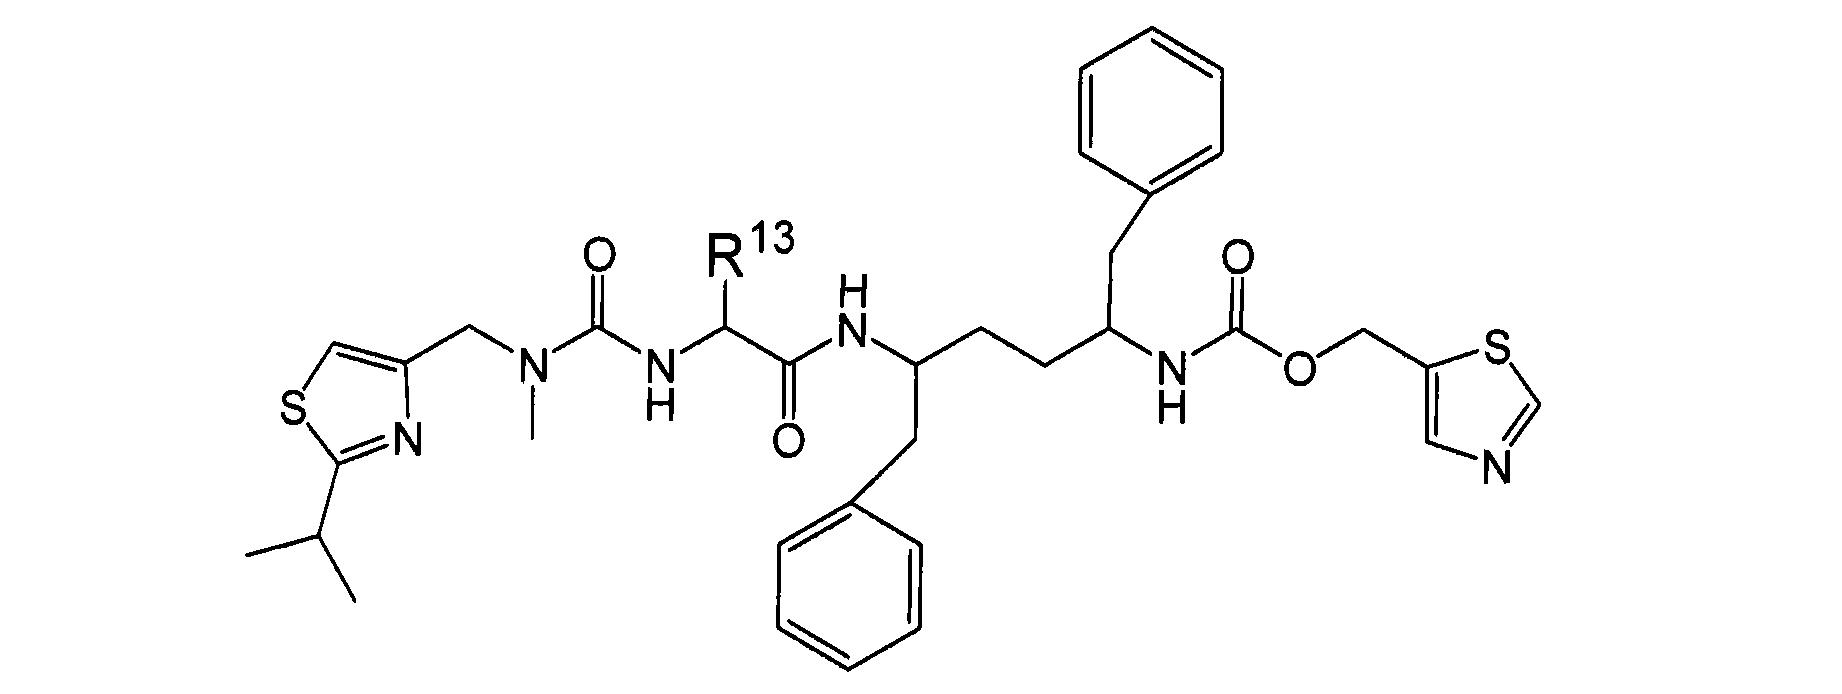 Figure CN101490023BD00561